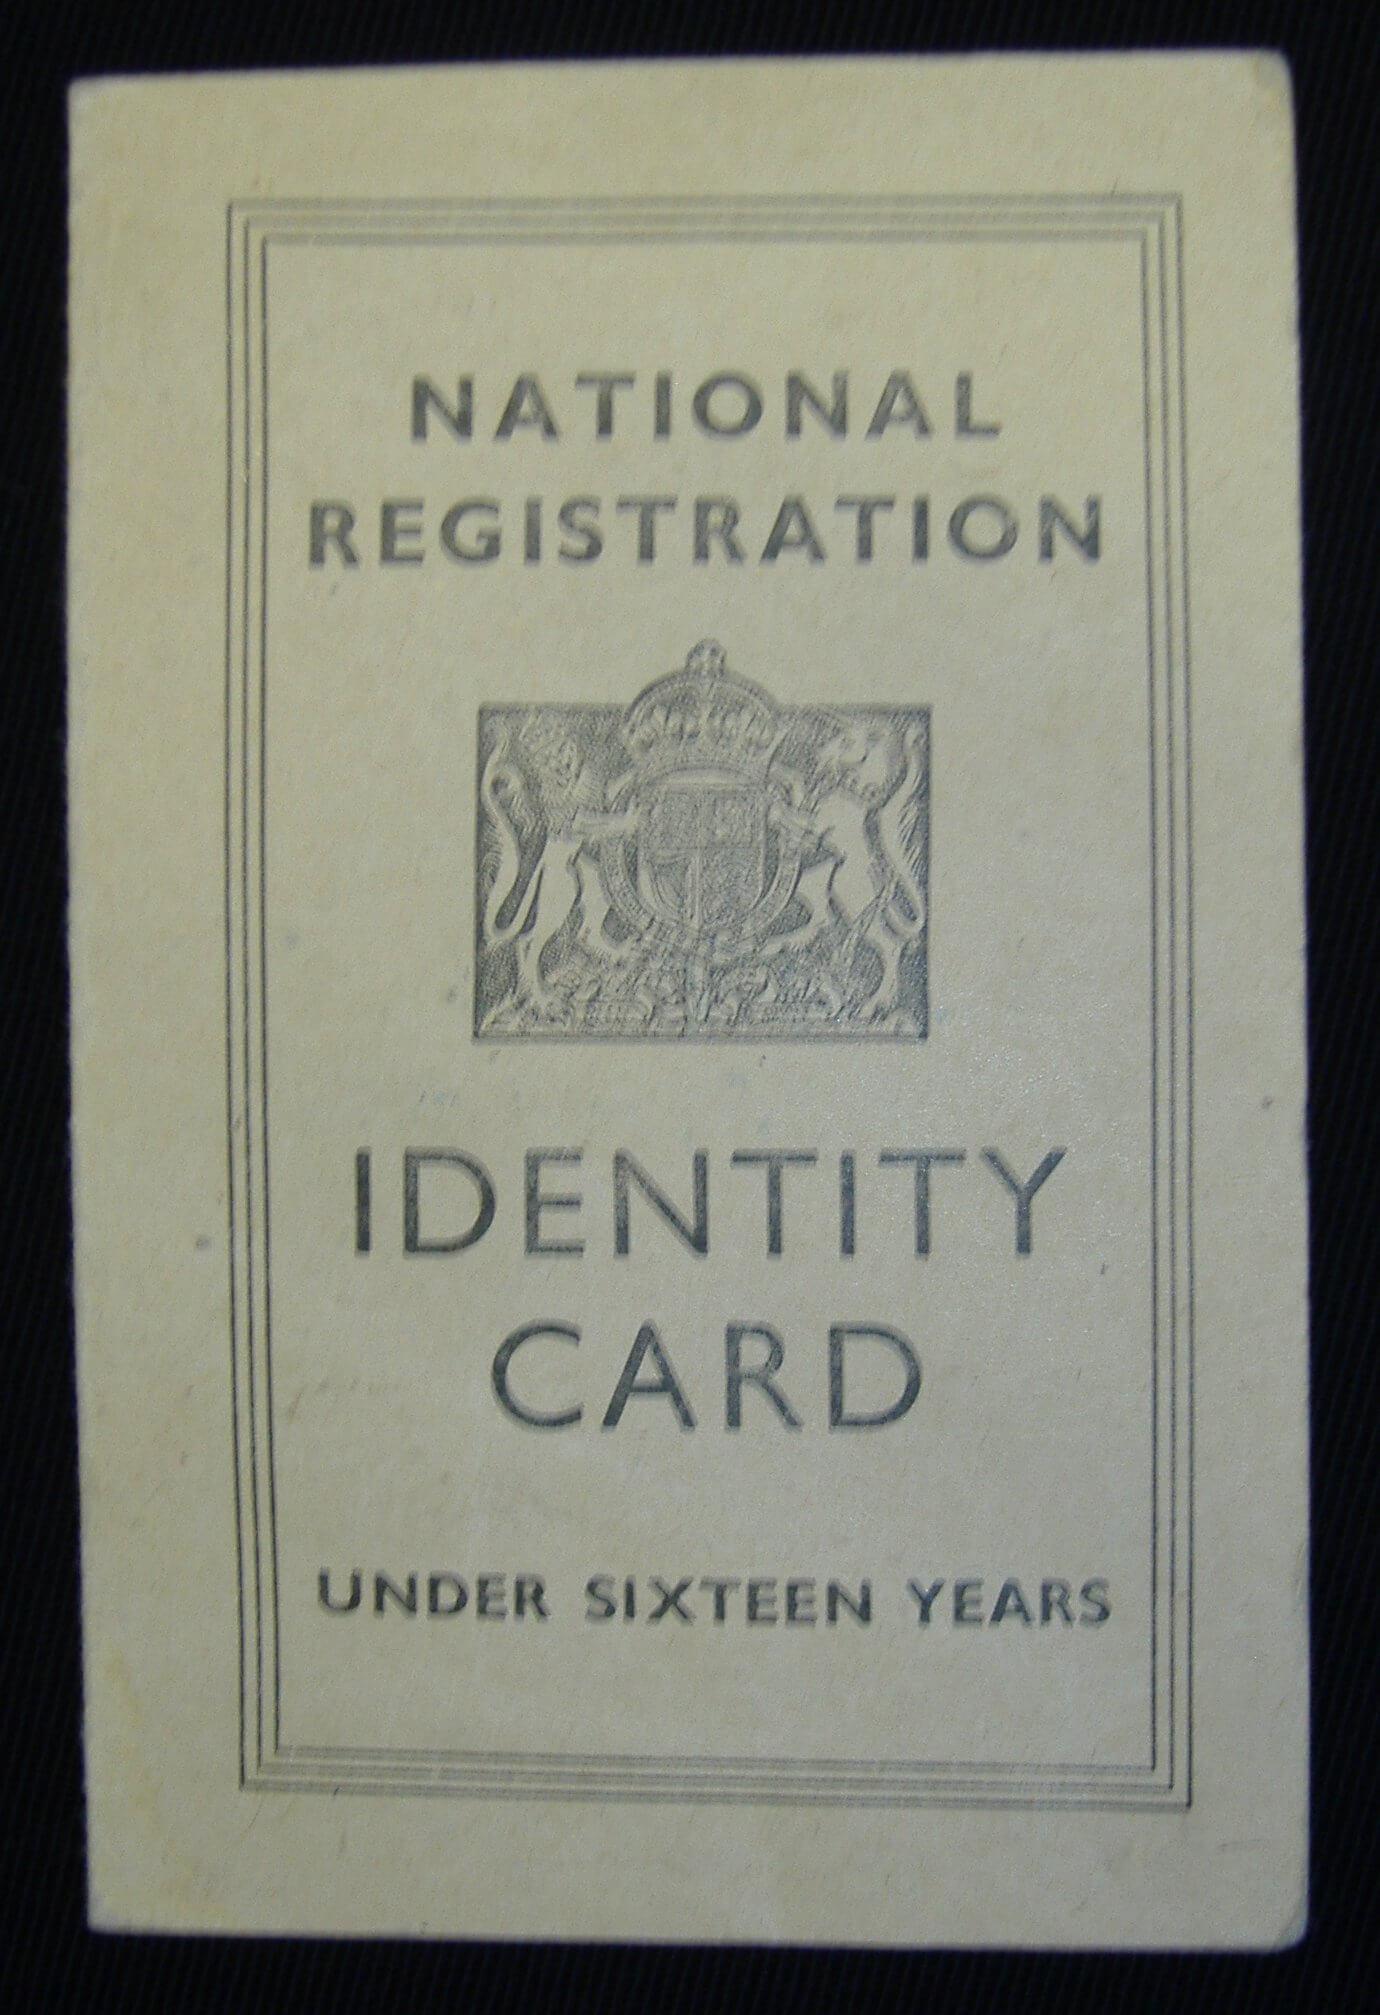 World War 2 Identity Card Template - Atlantaauctionco Pertaining To World War 2 Identity Card Template